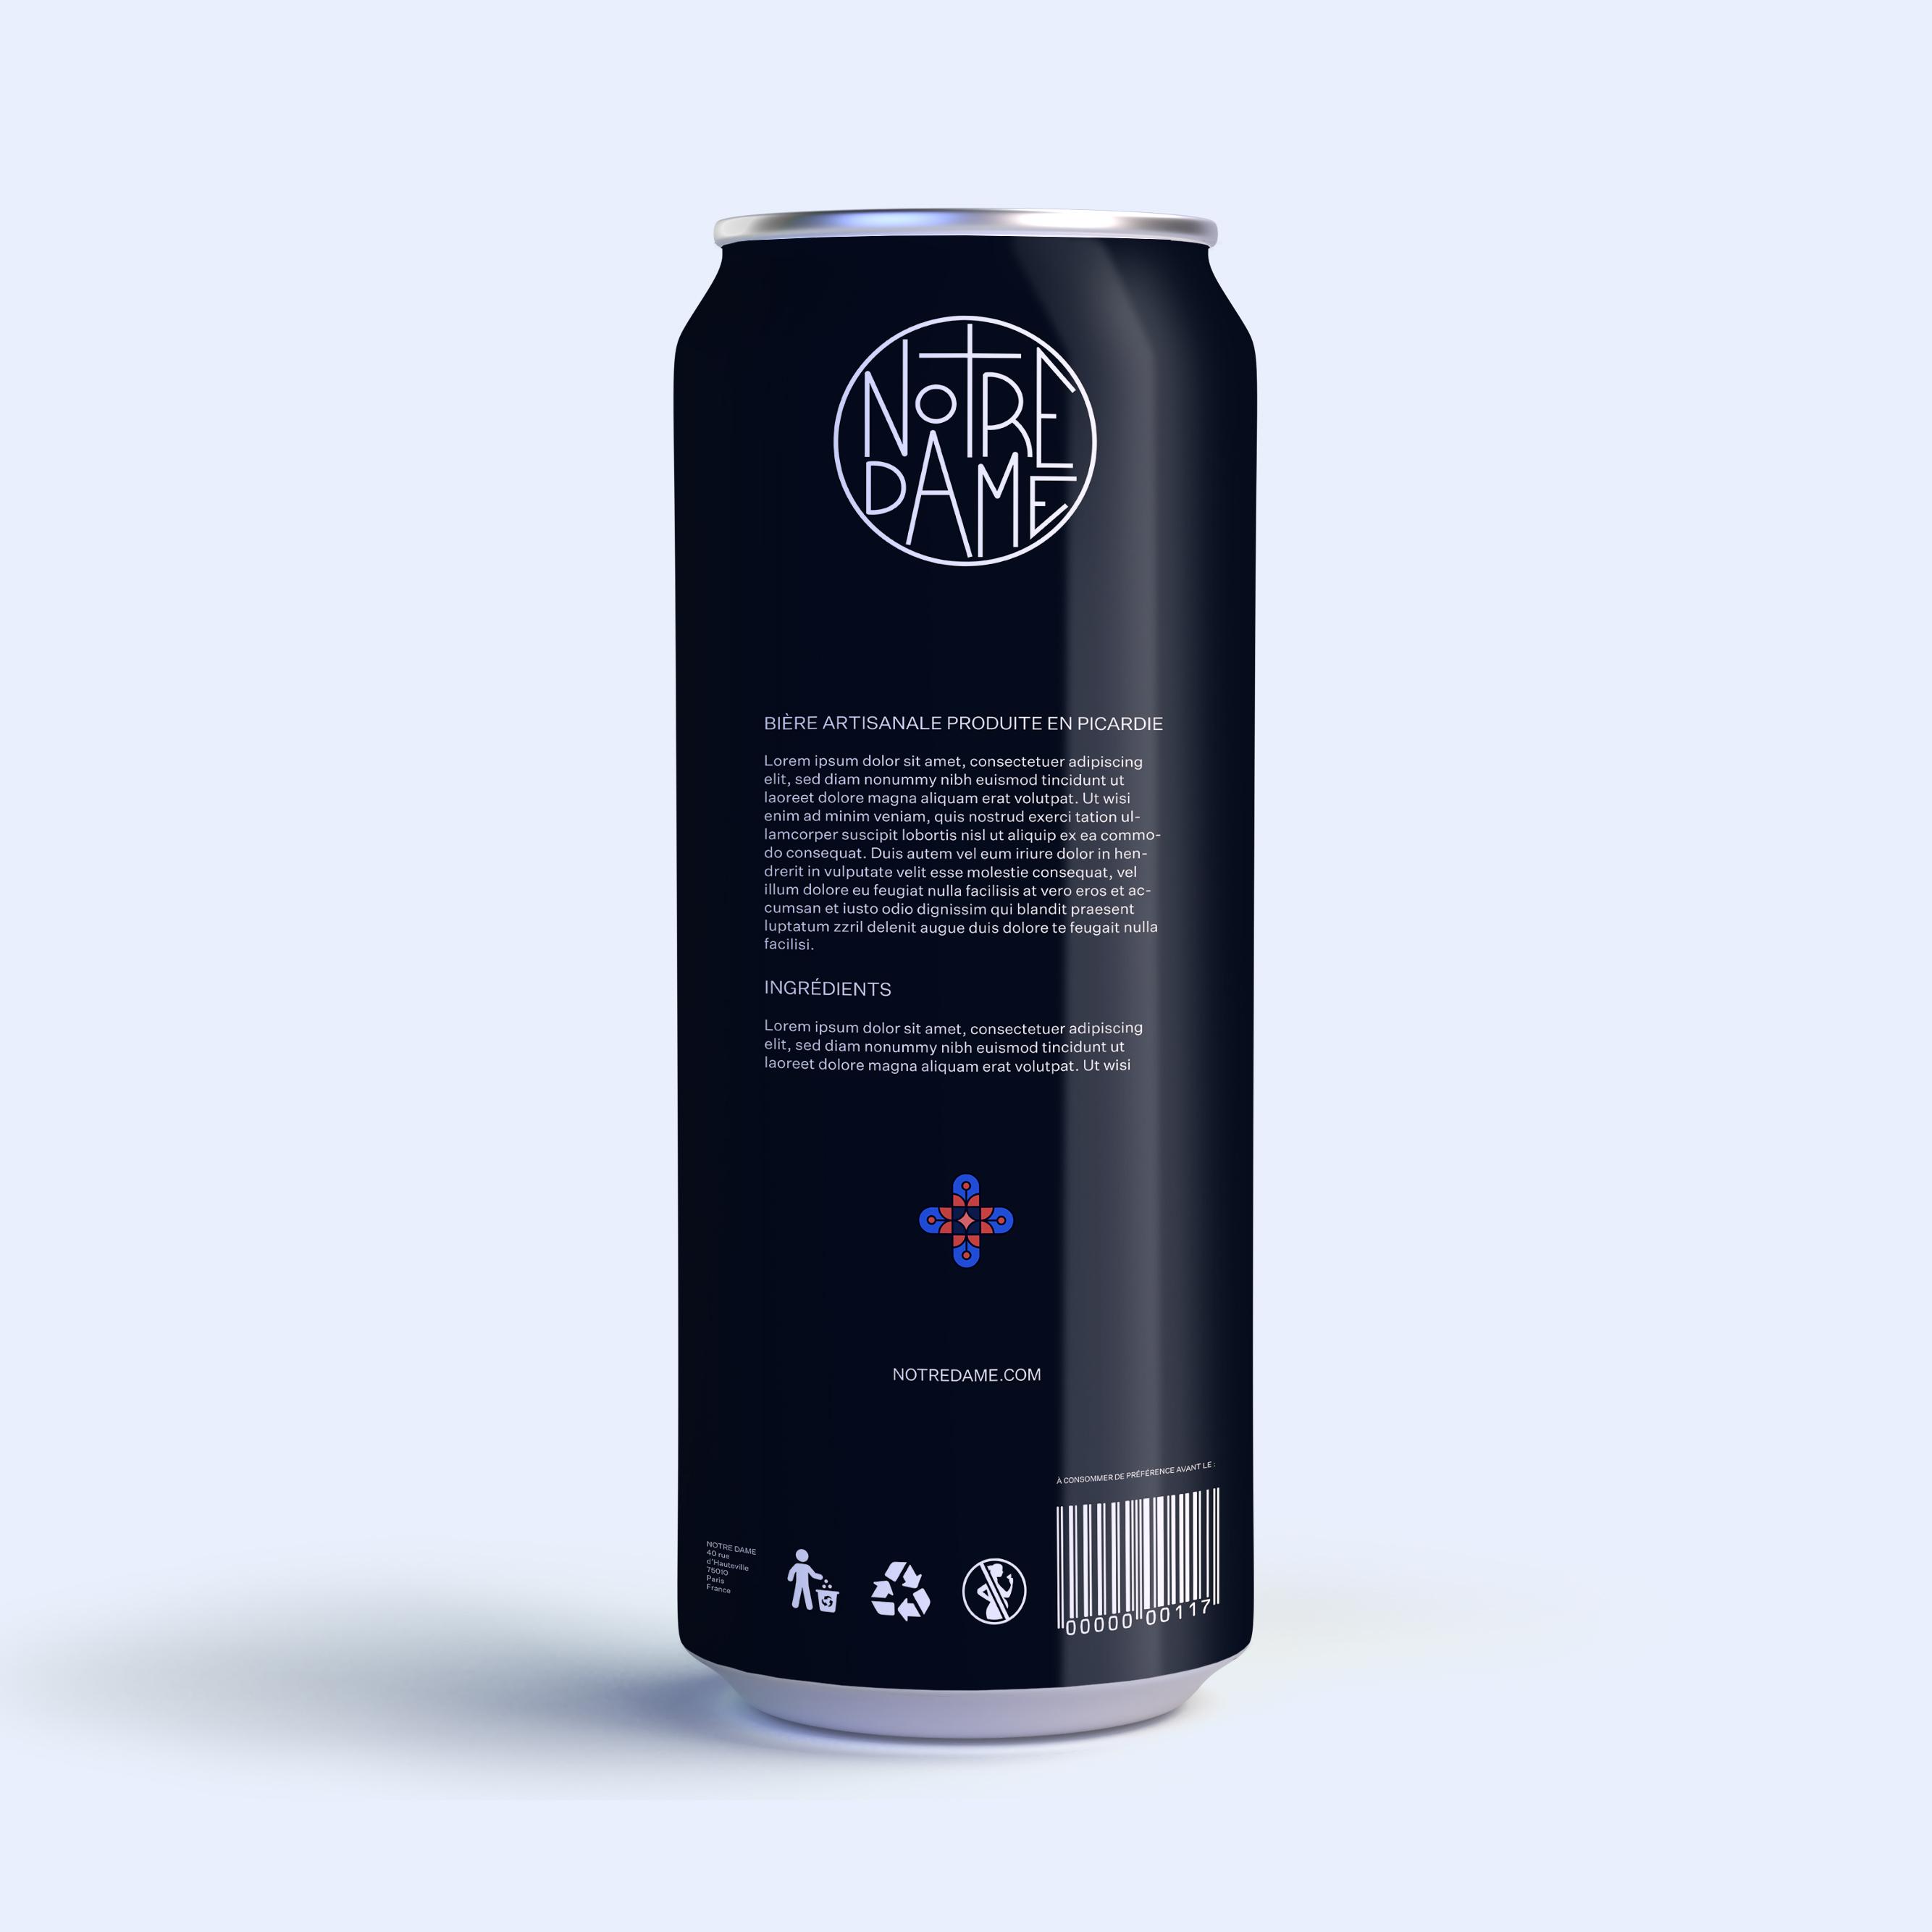 Packaging de l'identité visuelle de la marque de bière artisanale Notre Dame